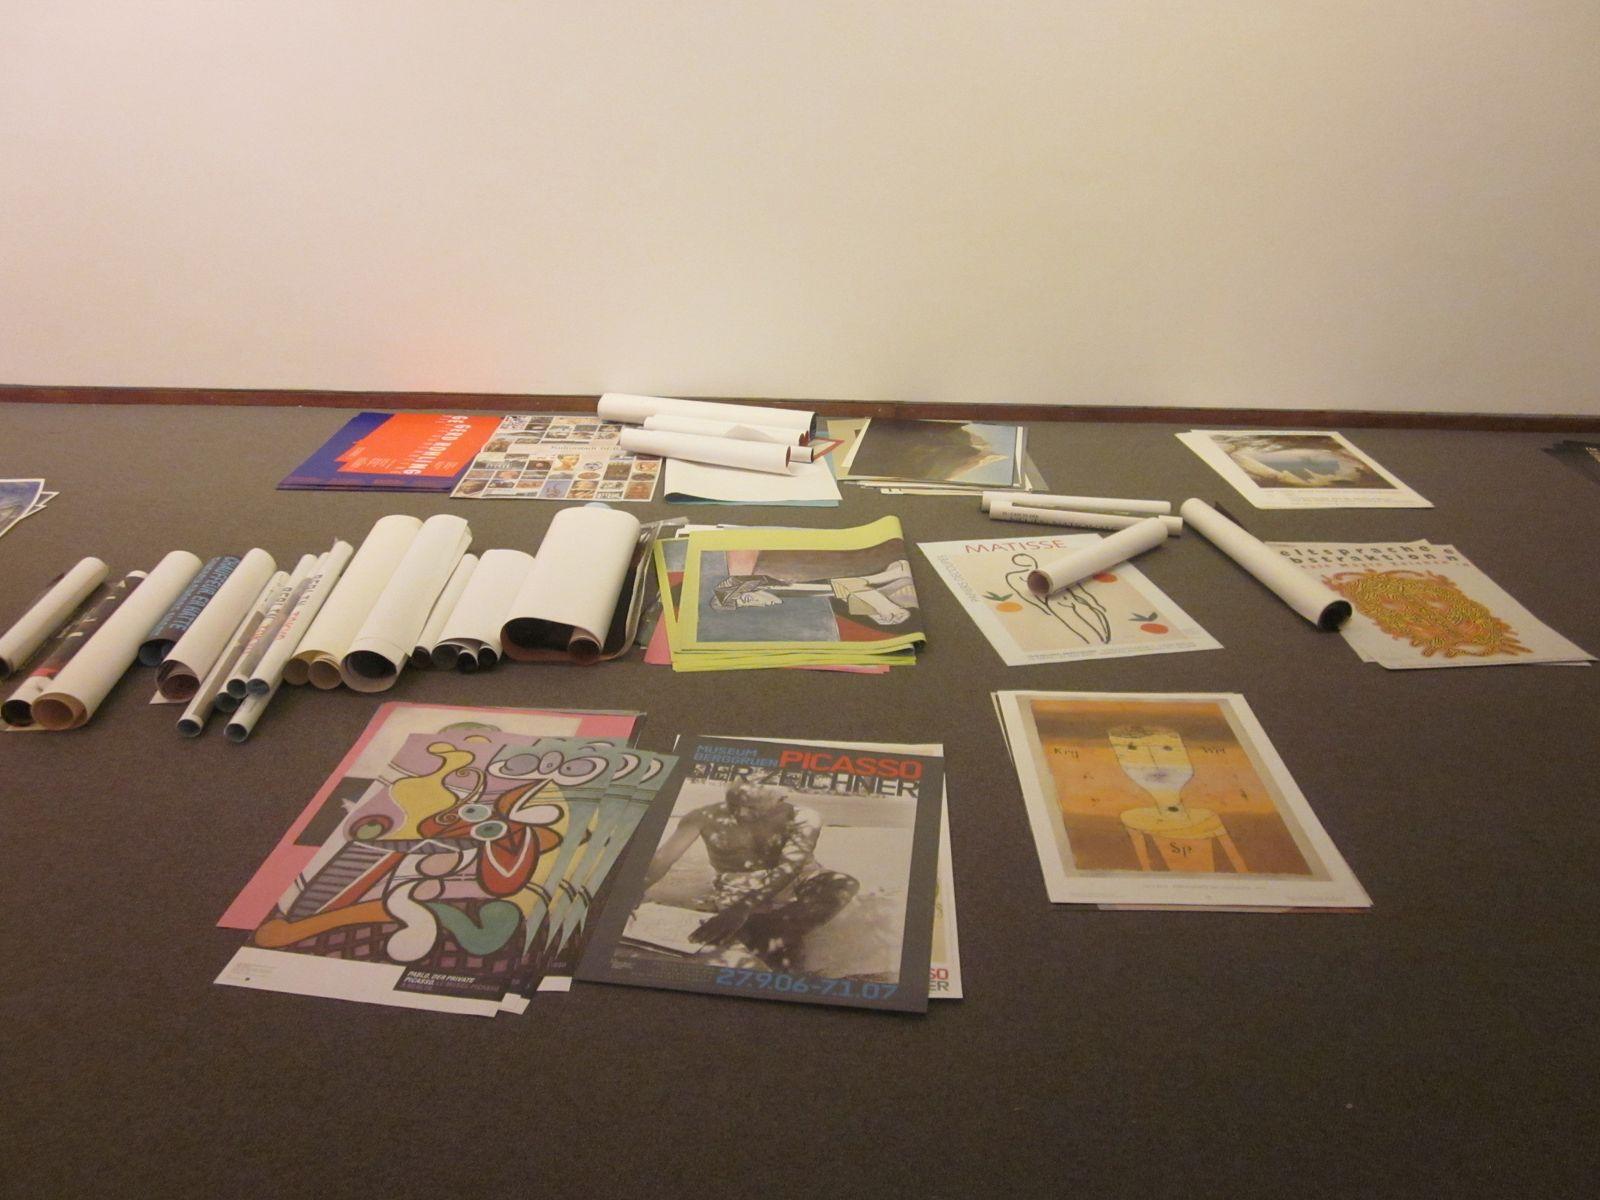 Alte Plakate schmücken derzeit den Boden der Neuen Nationalgalerie.